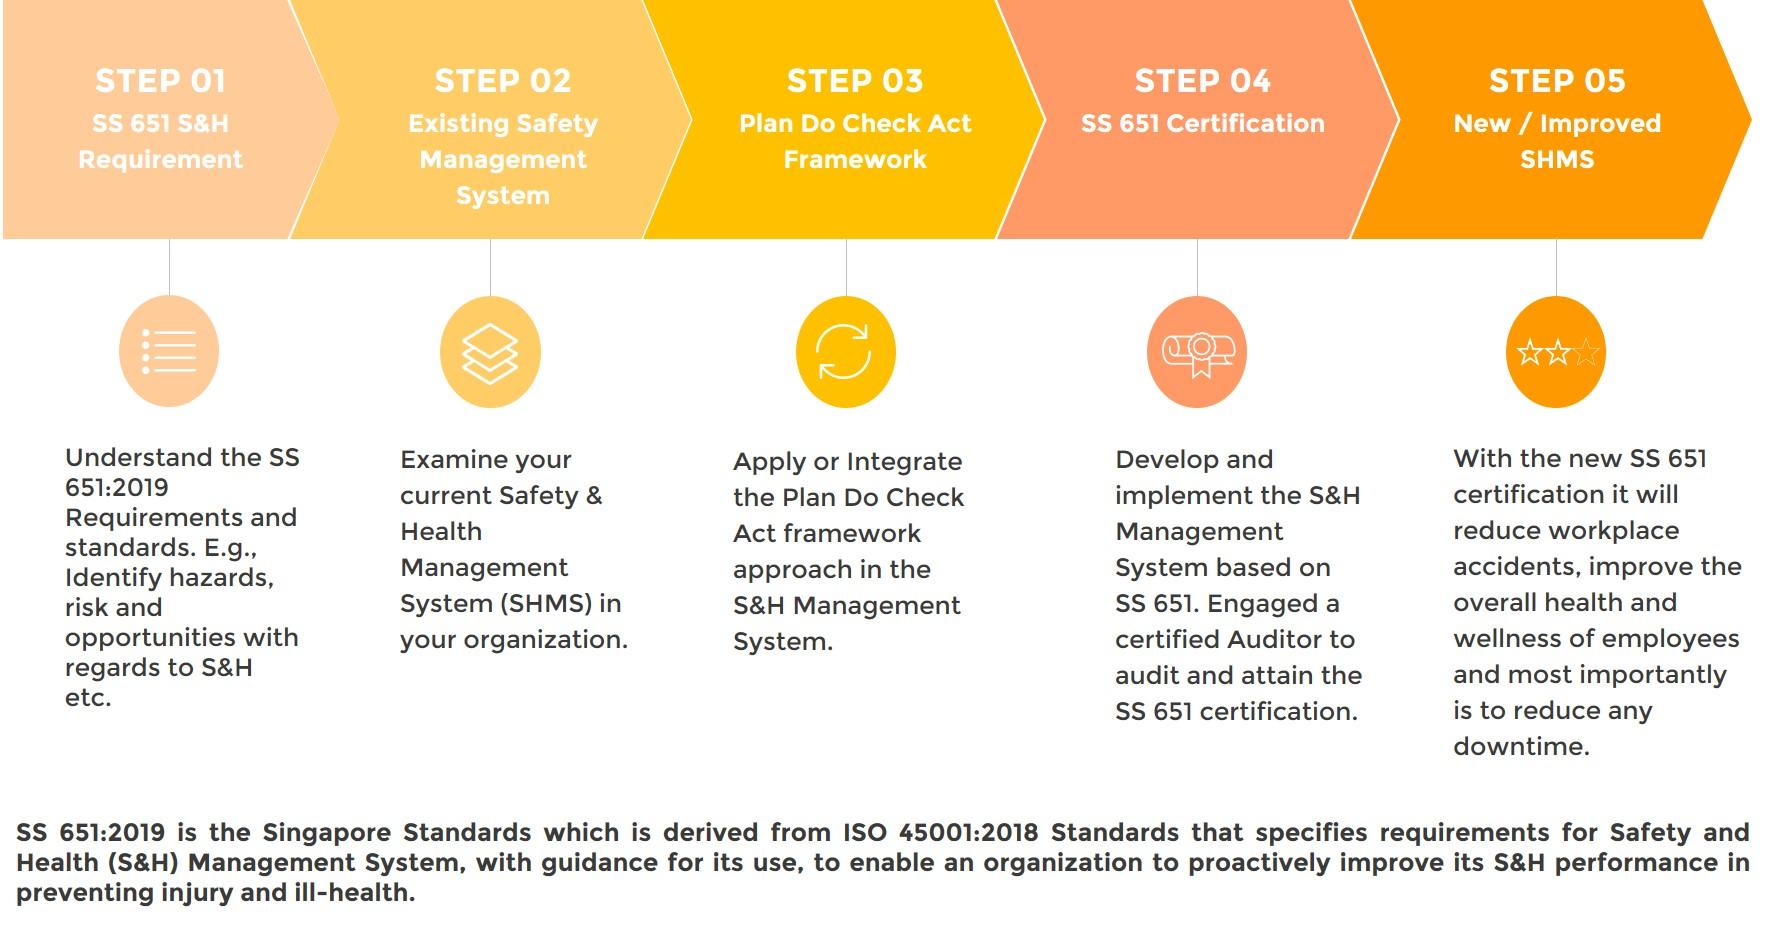 ss-651-2019-process-approach